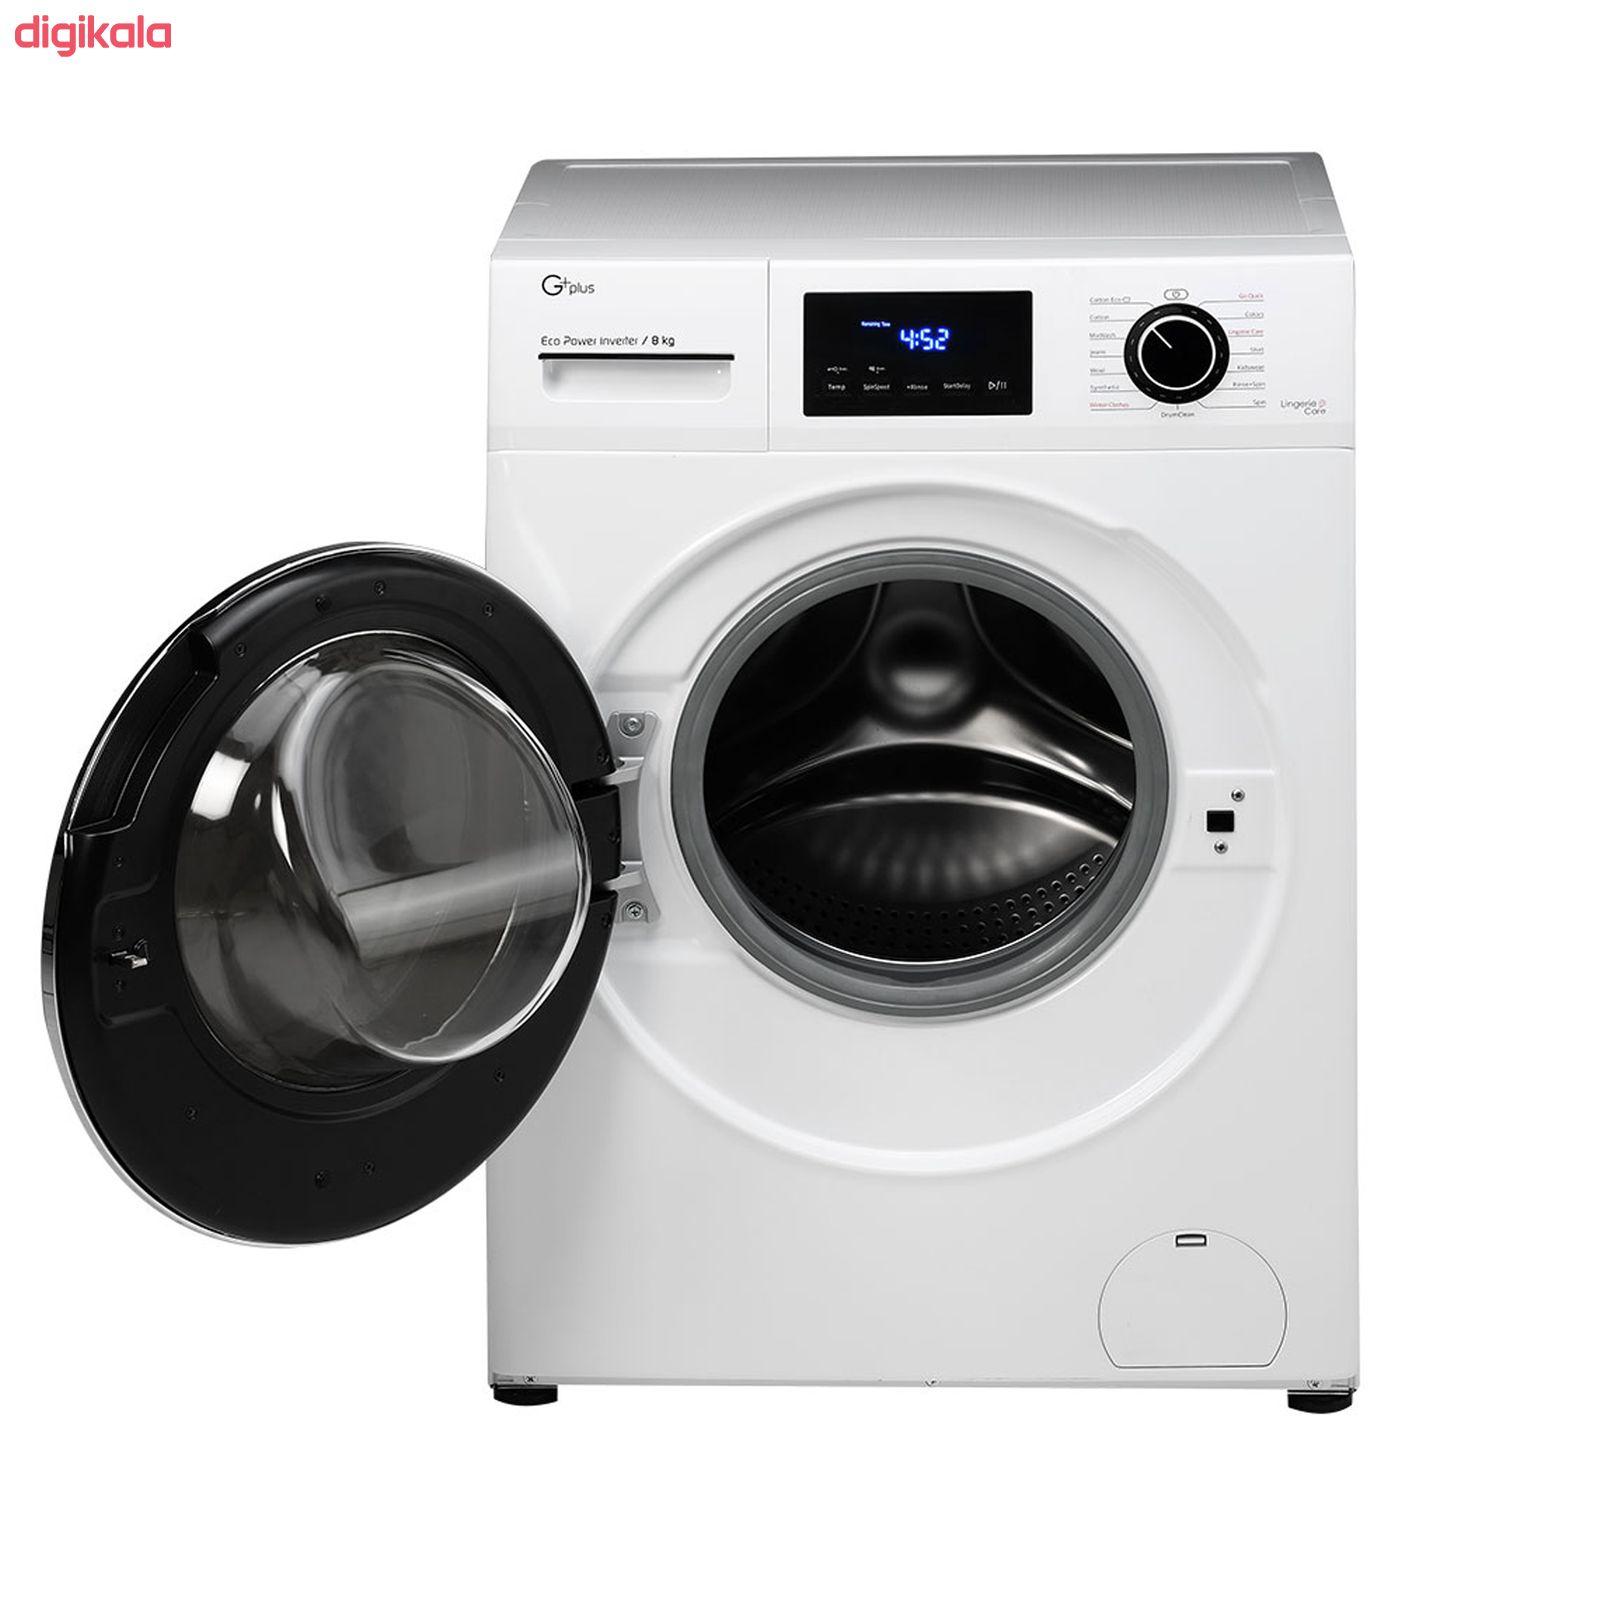 ماشین لباسشویی جی پلاس مدل J8470W ظرفیت 8 کیلوگرم main 1 6